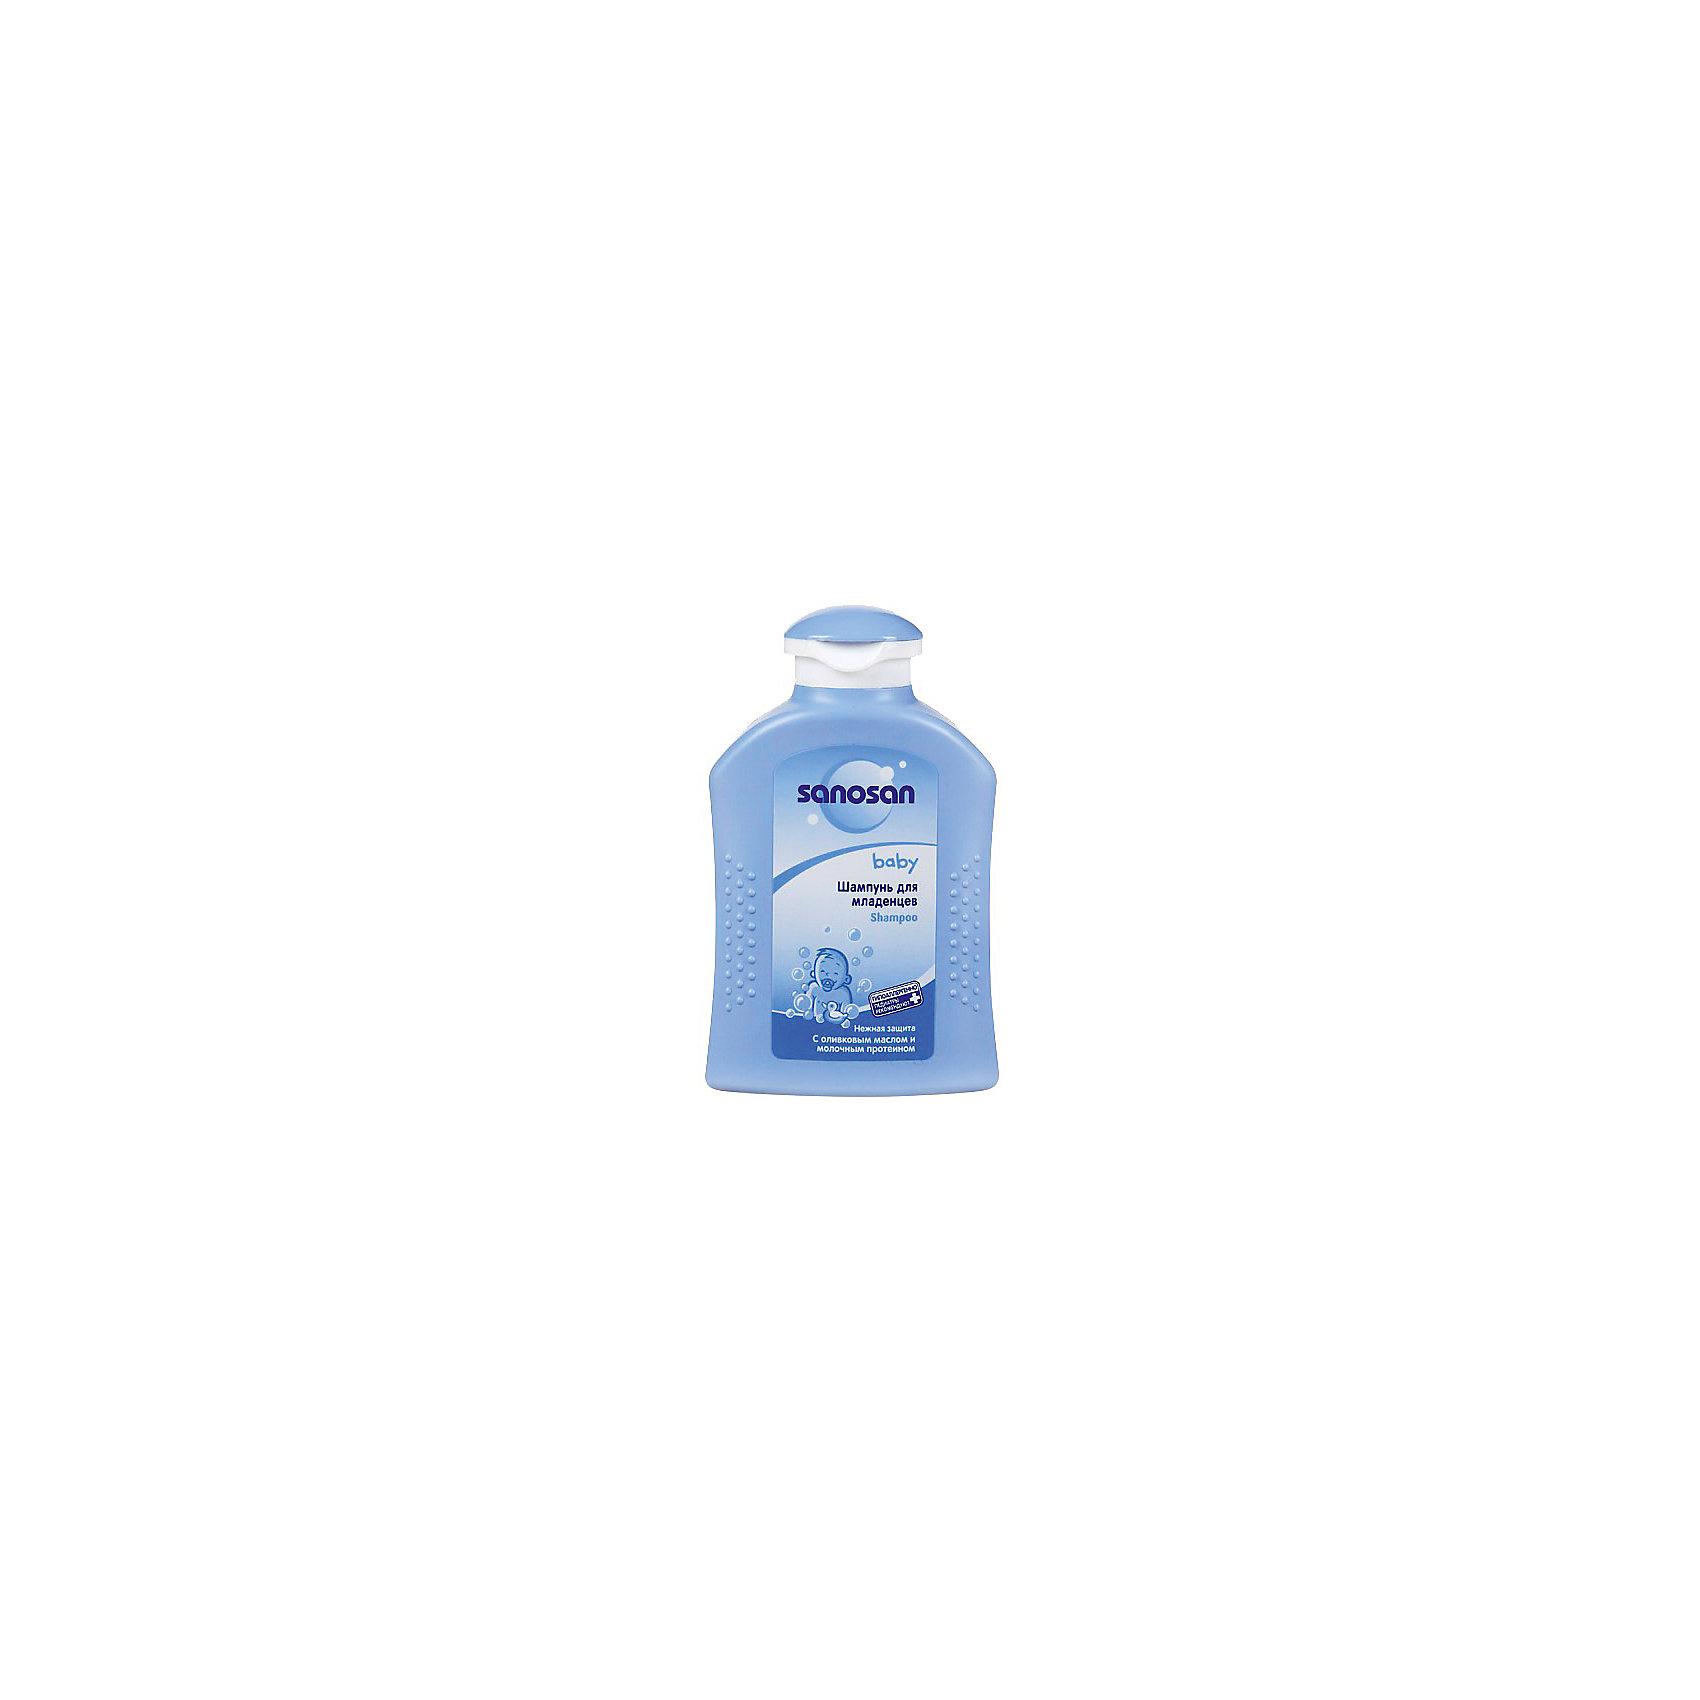 Шампунь для младенцев, Sanosan, 200 млКосметика для купания<br>sanosan baby Шампунь для младенцев<br>Специально разработан с учетом особенностей структуры детских волос. С помощью особо мягких моющих компонентов растительного происхождения бережно и тщательно очищает тонкие волосы малыша, придавая им блеск и шелковистость. Питательные добавки, такие как оливковое масло и молочный протеин, смягчают и предохраняют кожу головы от пересушивания. Не раздражает глазки. Может применяться с первых дней жизни. Подходит детям с сухой и очень чувствительной кожей.<br>Важно: шампунь для младенцев sanosan не содержит анестезирующих компонентов, подавляющих защитную функцию глаза.<br>Способ применения: используйте для очищения кожи головы и волос малыша, предварительно вспенив. После купания ополосните голову малыша теплой водой.<br>Ингредиенты:<br>AQUA, SODIUM COCOAMPHOACETATE, COCAMIDOPROPYL BETAINE, SODIUM CHLORIDE, PEG-7 GLYCERYL COCOATE, PARFUM, CITRIC ACID, SODIUM BENZOATE, ALLANTOIN, POTASSIUM SORBATE, HYDROXYPROPYL GUAR HYDROXYPROPYLTRIMONIUM CHLORIDE, HYDROLYZED MILK PROTEIN, OLEA EUROPAEA (OLIVE) LEAF EXTRACT.<br><br>Ширина мм: 143<br>Глубина мм: 500<br>Высота мм: 60<br>Вес г: 260<br>Возраст от месяцев: -2147483648<br>Возраст до месяцев: 2147483647<br>Пол: Унисекс<br>Возраст: Детский<br>SKU: 4729886